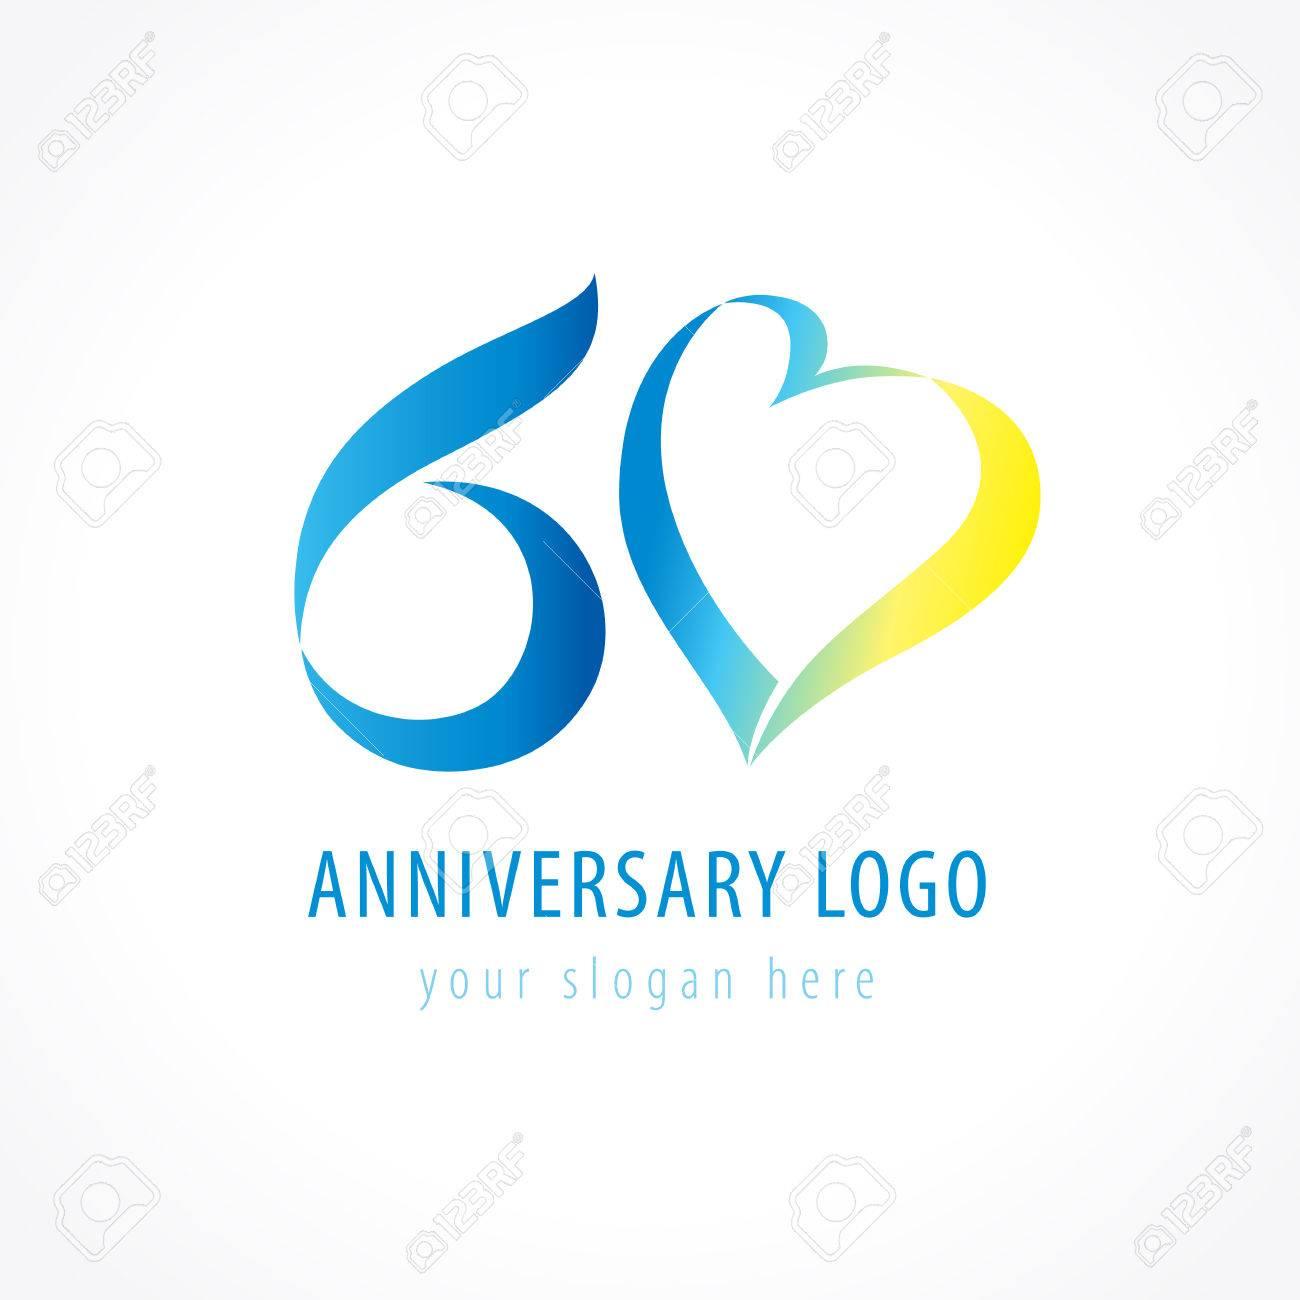 Jubiläum 60 Jahre Alte Herzen Feiern Vektor Ziffer Logo. Lizenzfrei ...